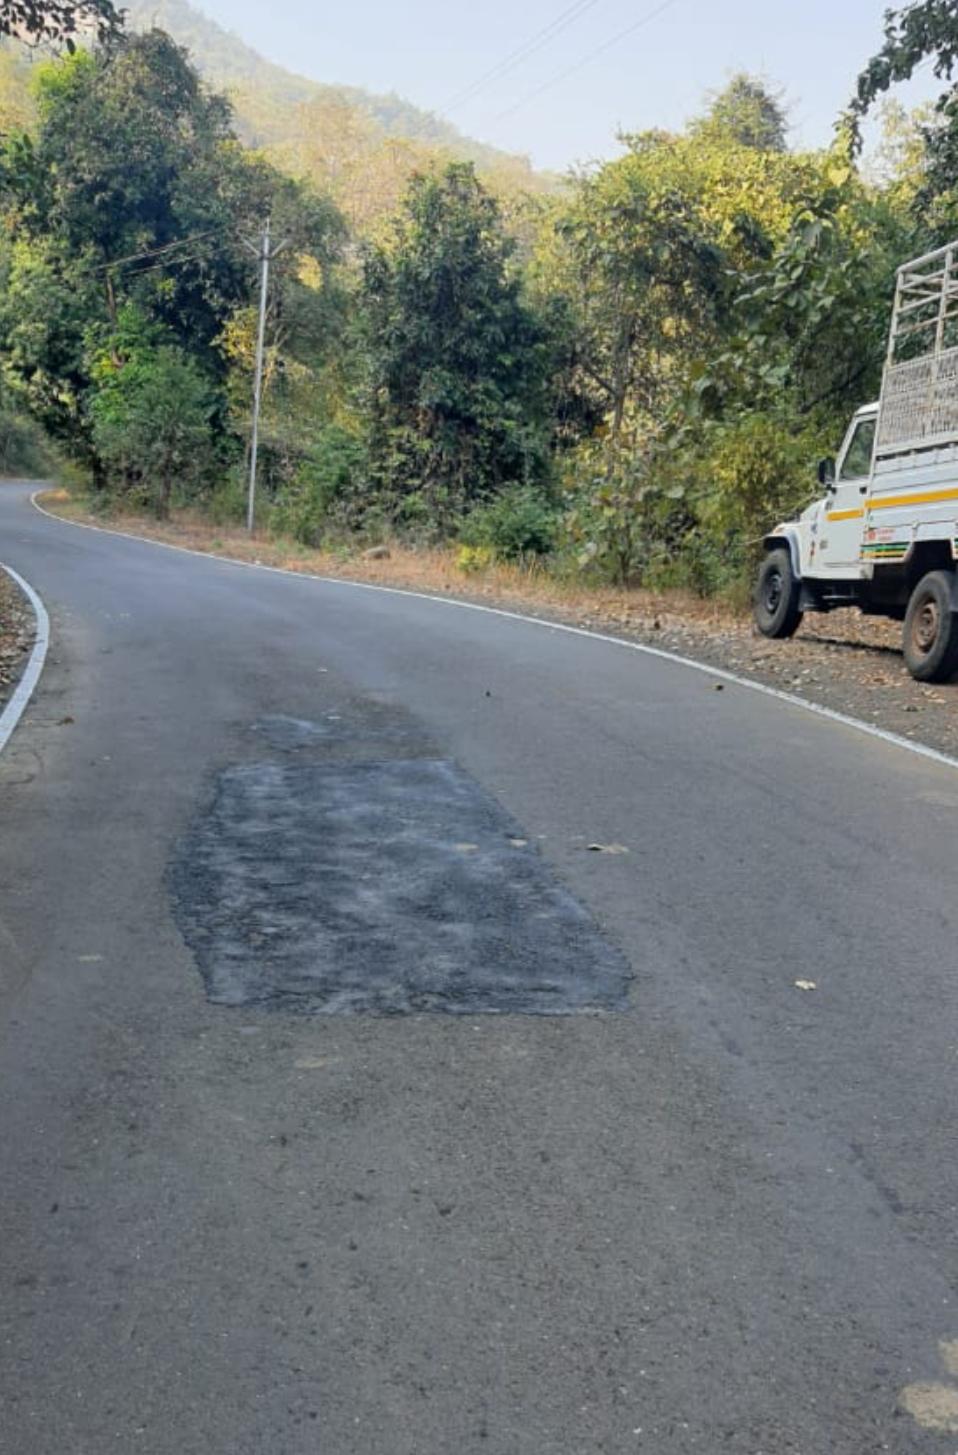 Adarsh Maharashtra   रस्त्यालगत खेळणारी मुलगी मोटासायकल अपघातात गंभीर जखमी